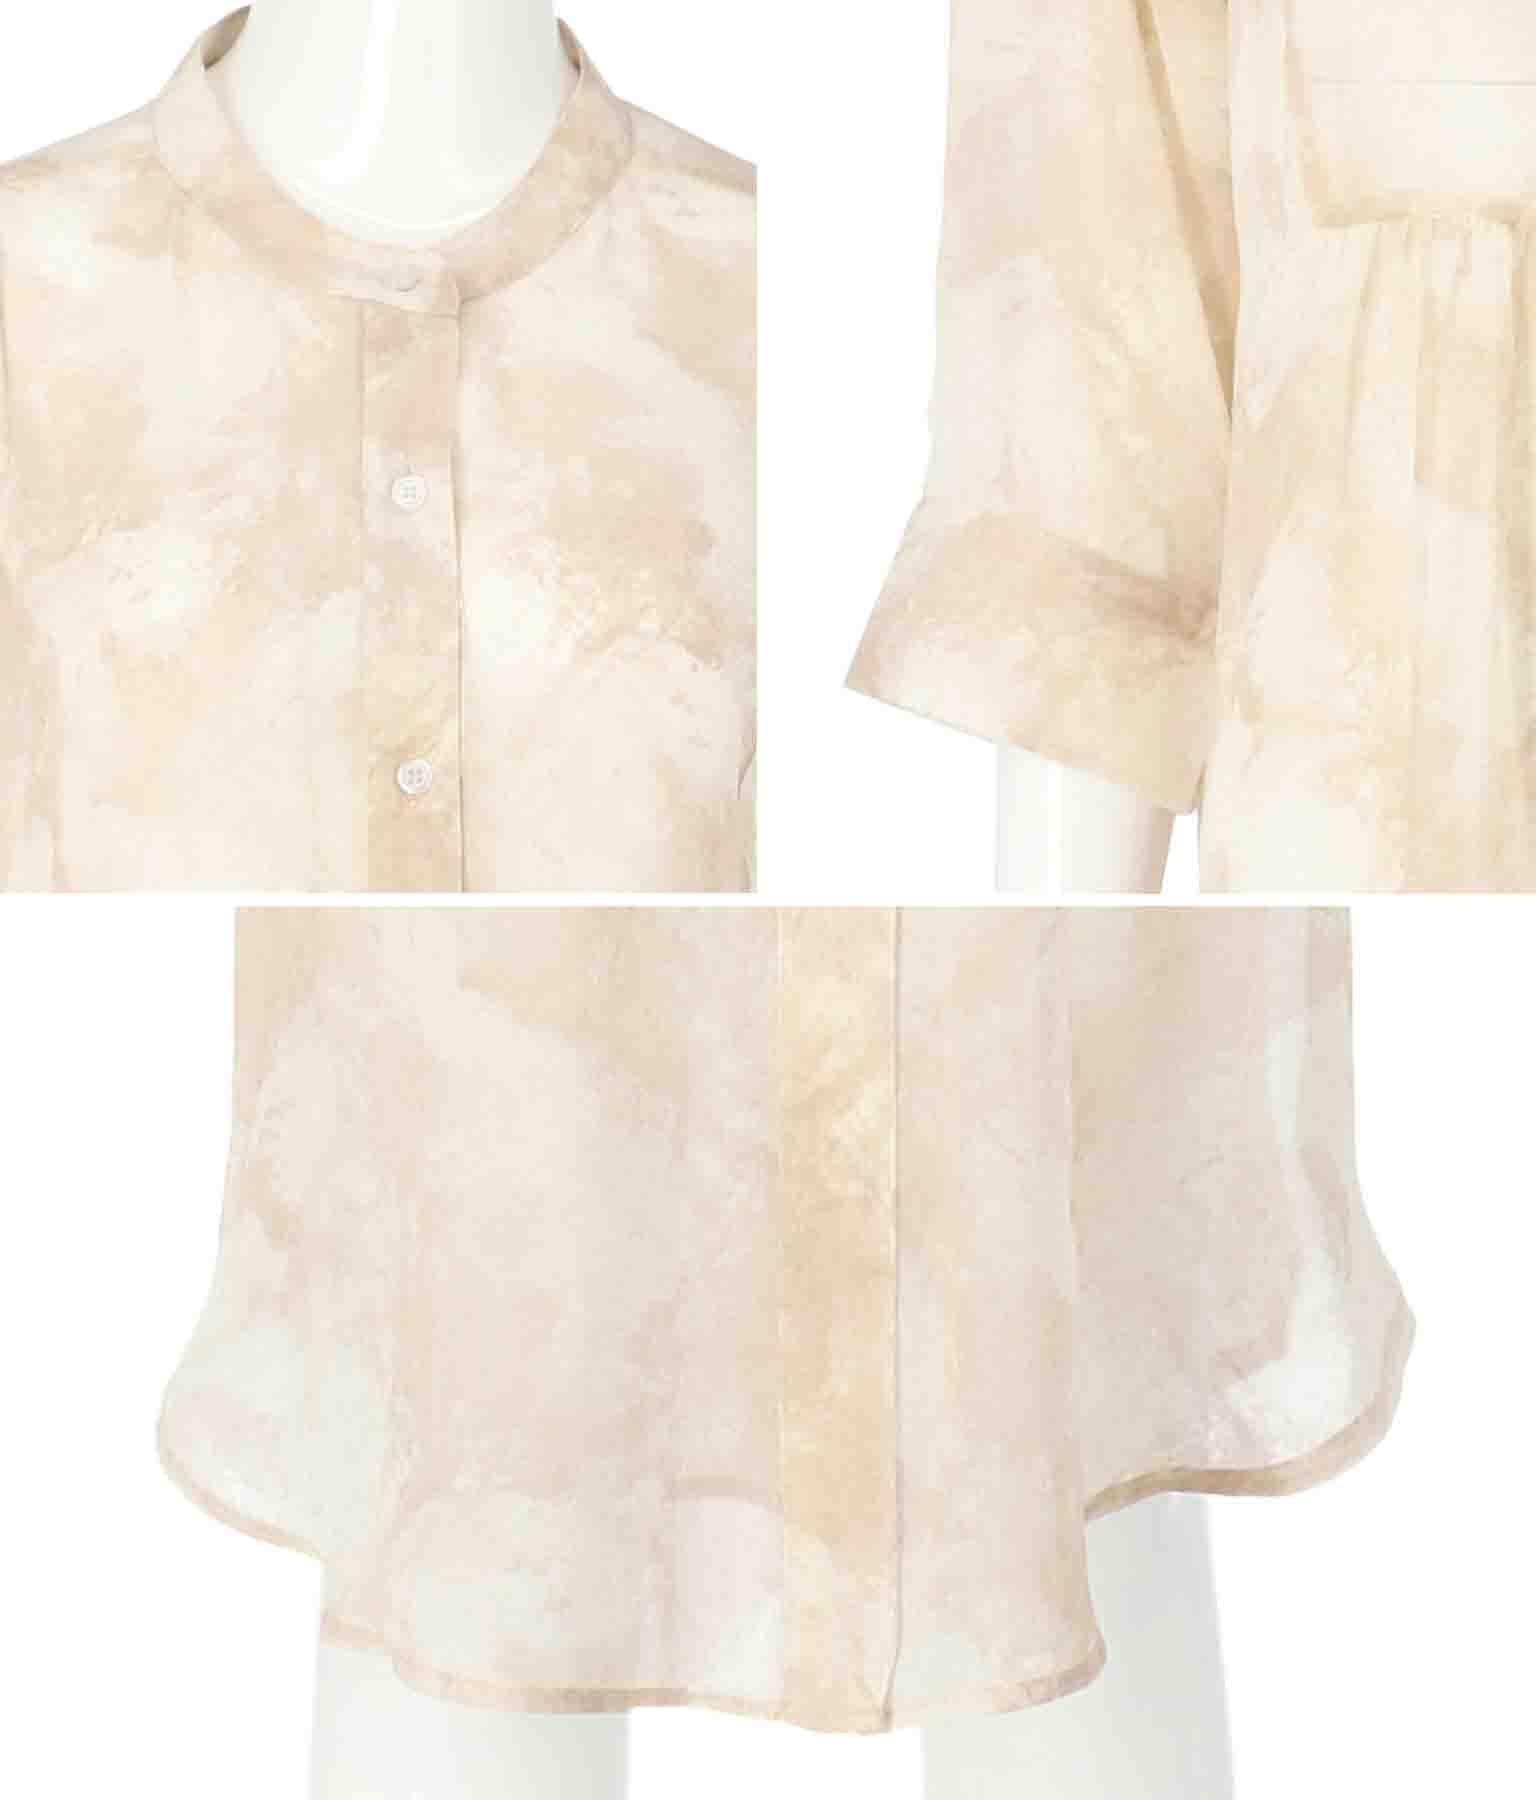 シアーニュアンスシャツ(トップス/チュニック・シャツ・ブラウス) | Alluge